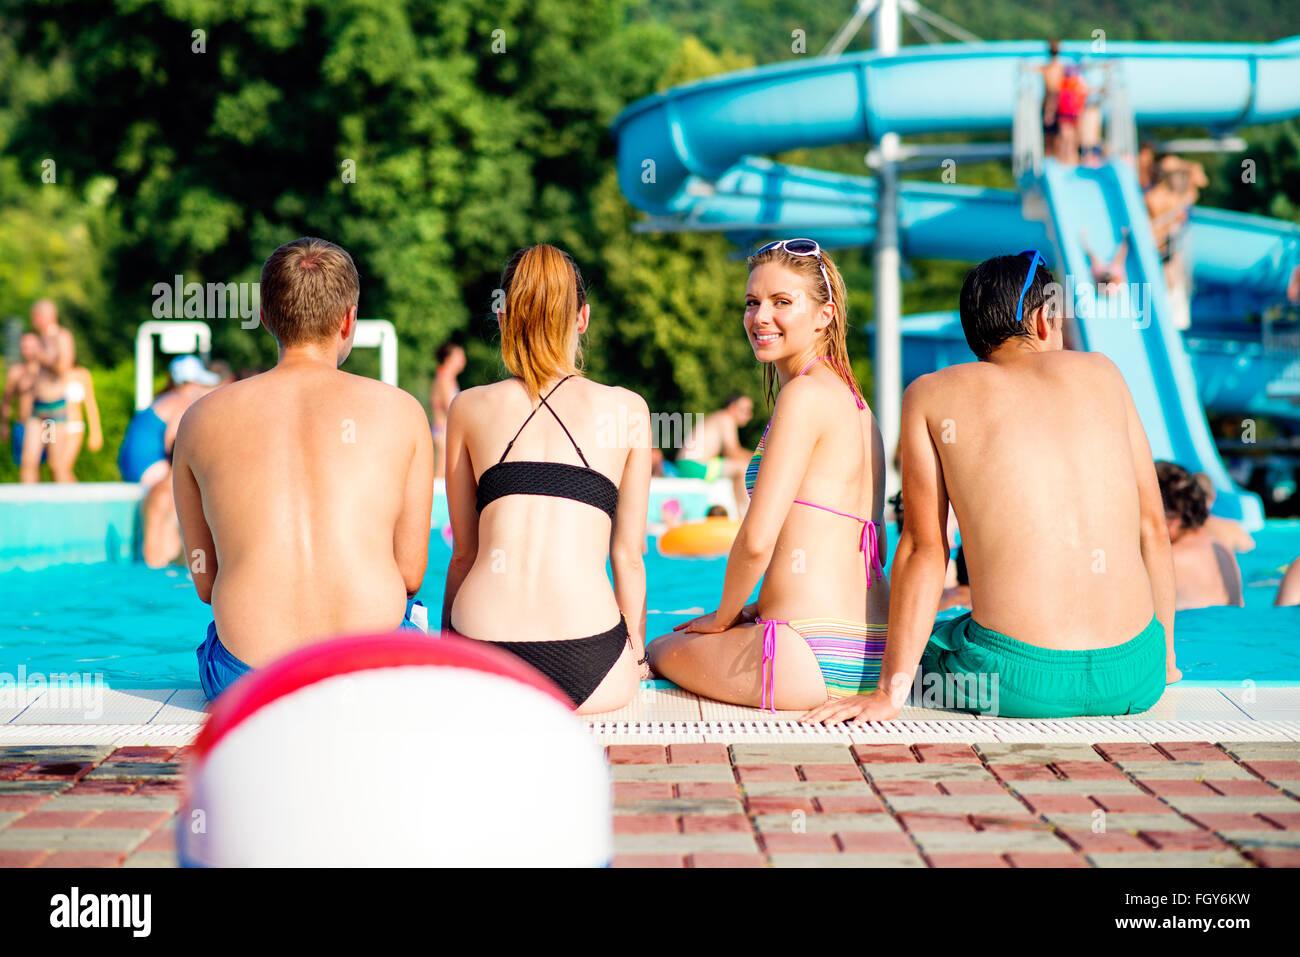 Due coppie per prendere il sole in piscina. Il calore d'estate. Immagini Stock